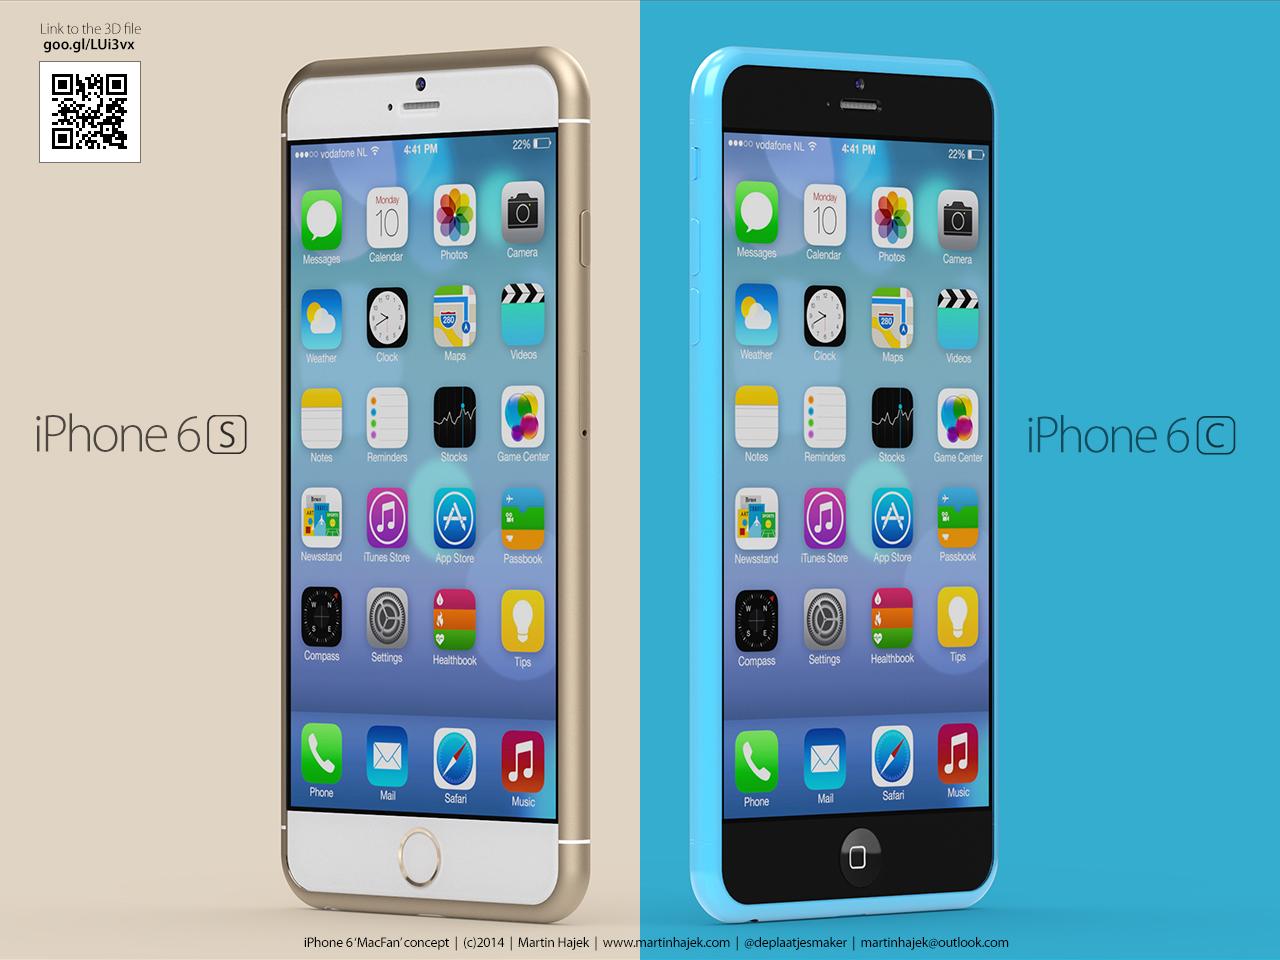 iphone6s, iphone6s plus